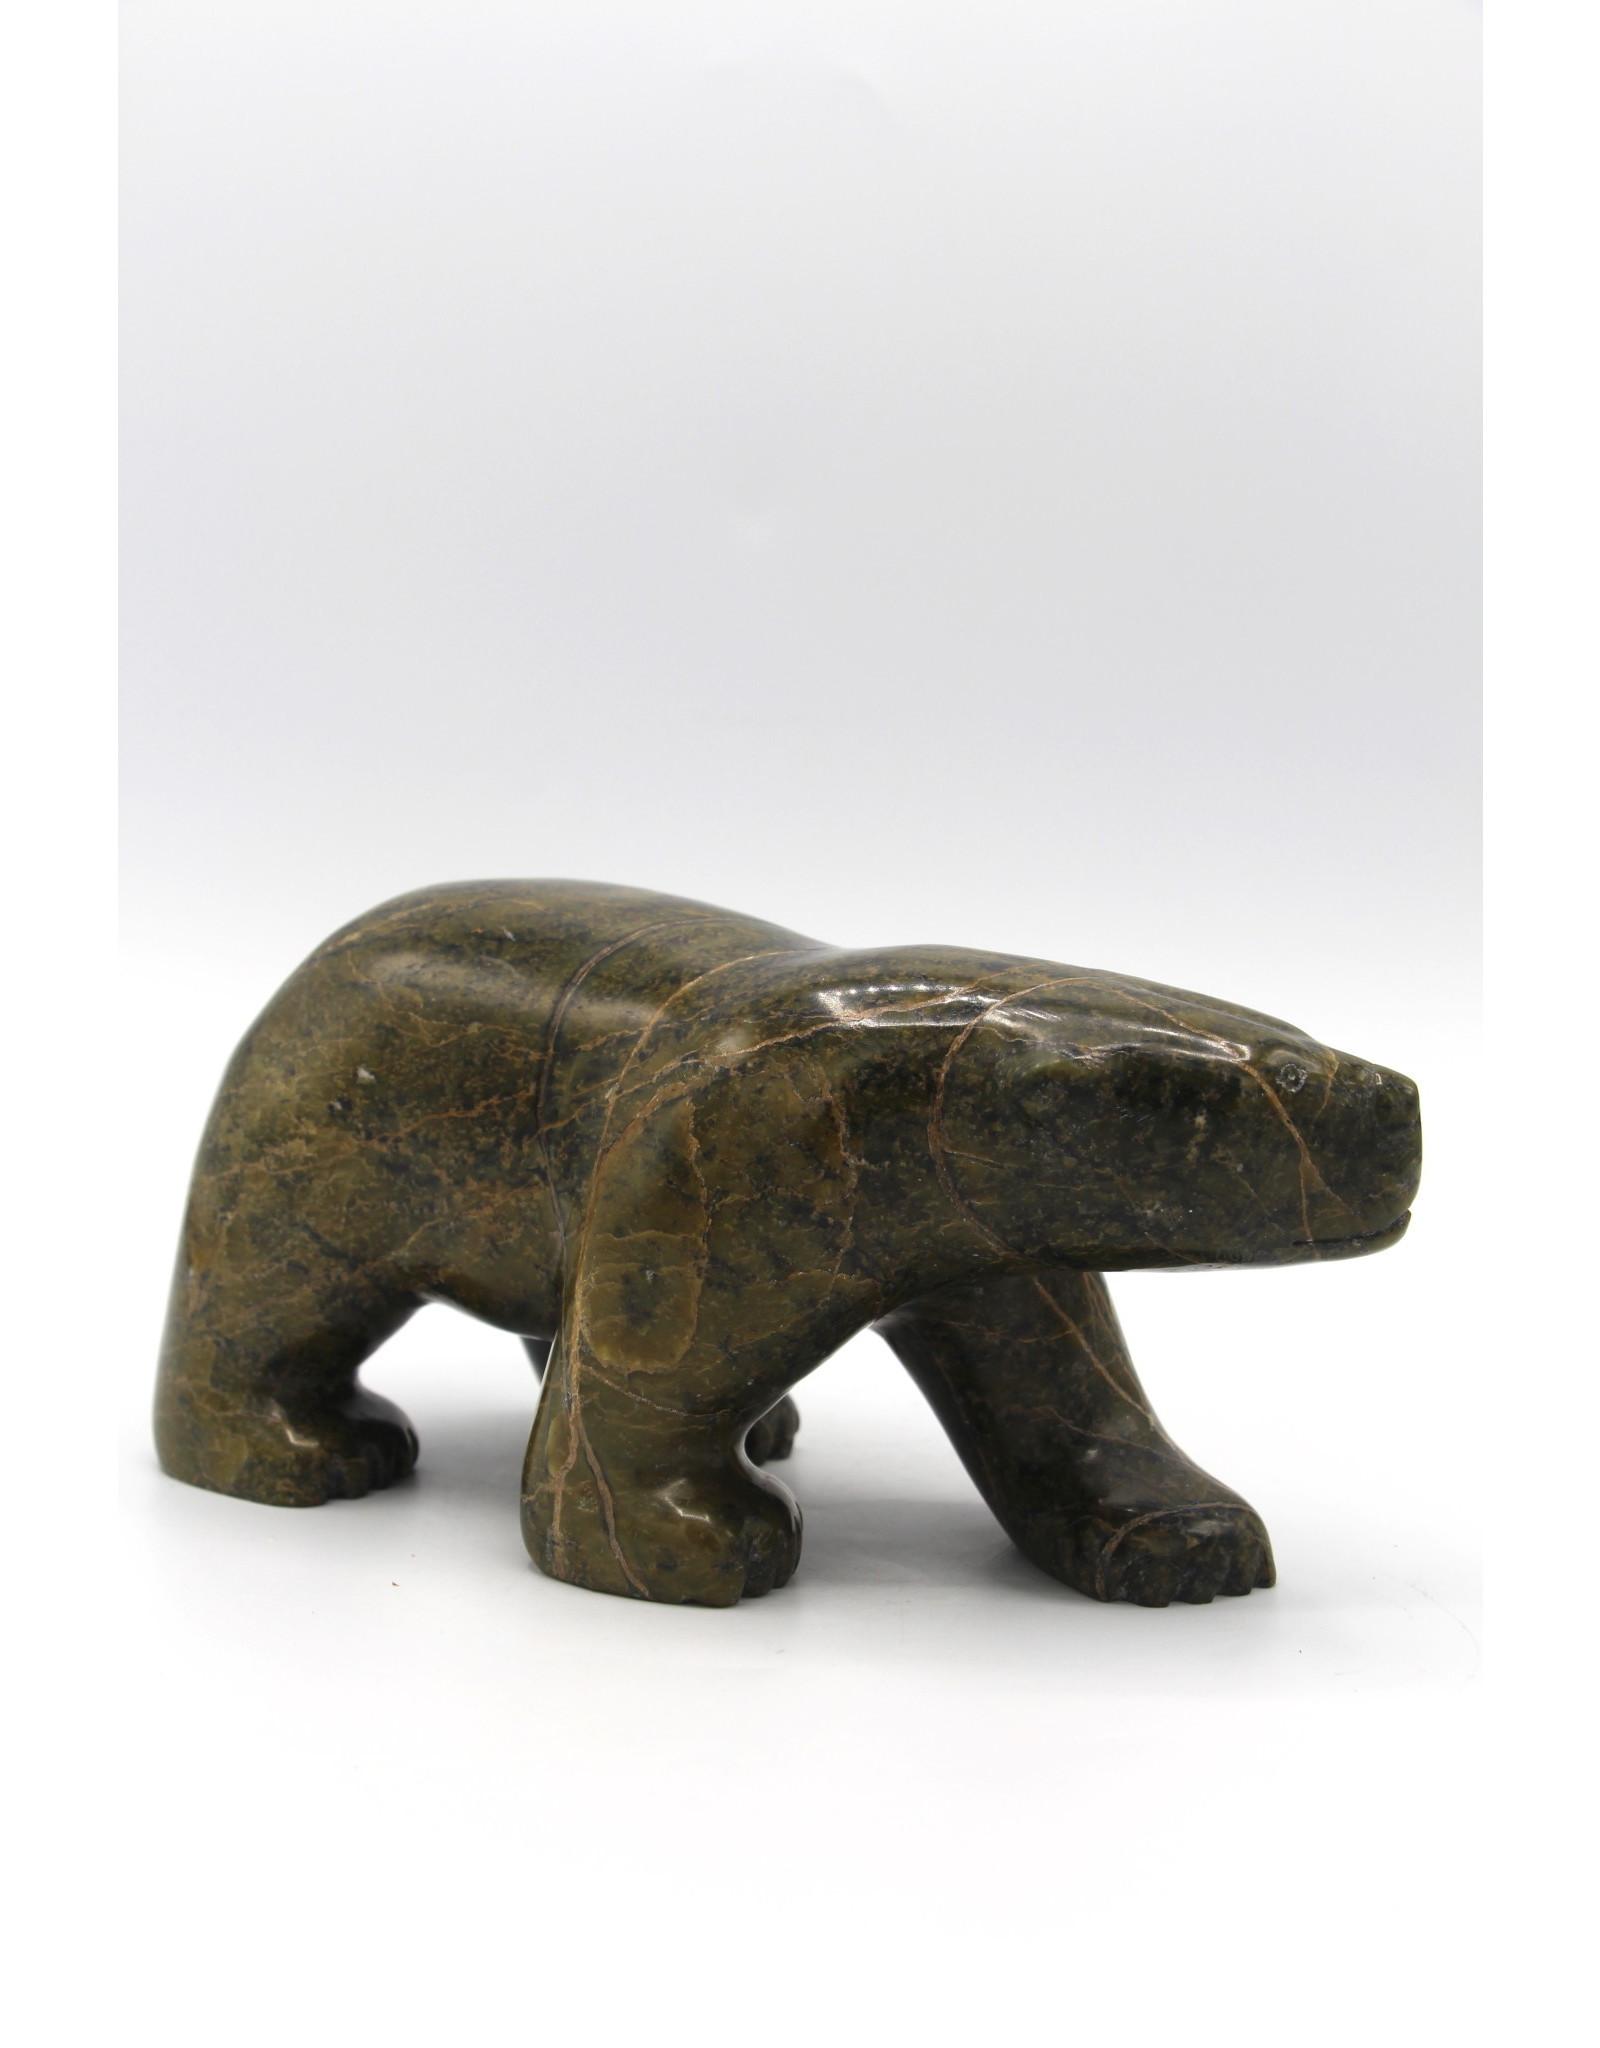 779832 Bear by Jimmy Tunnillie